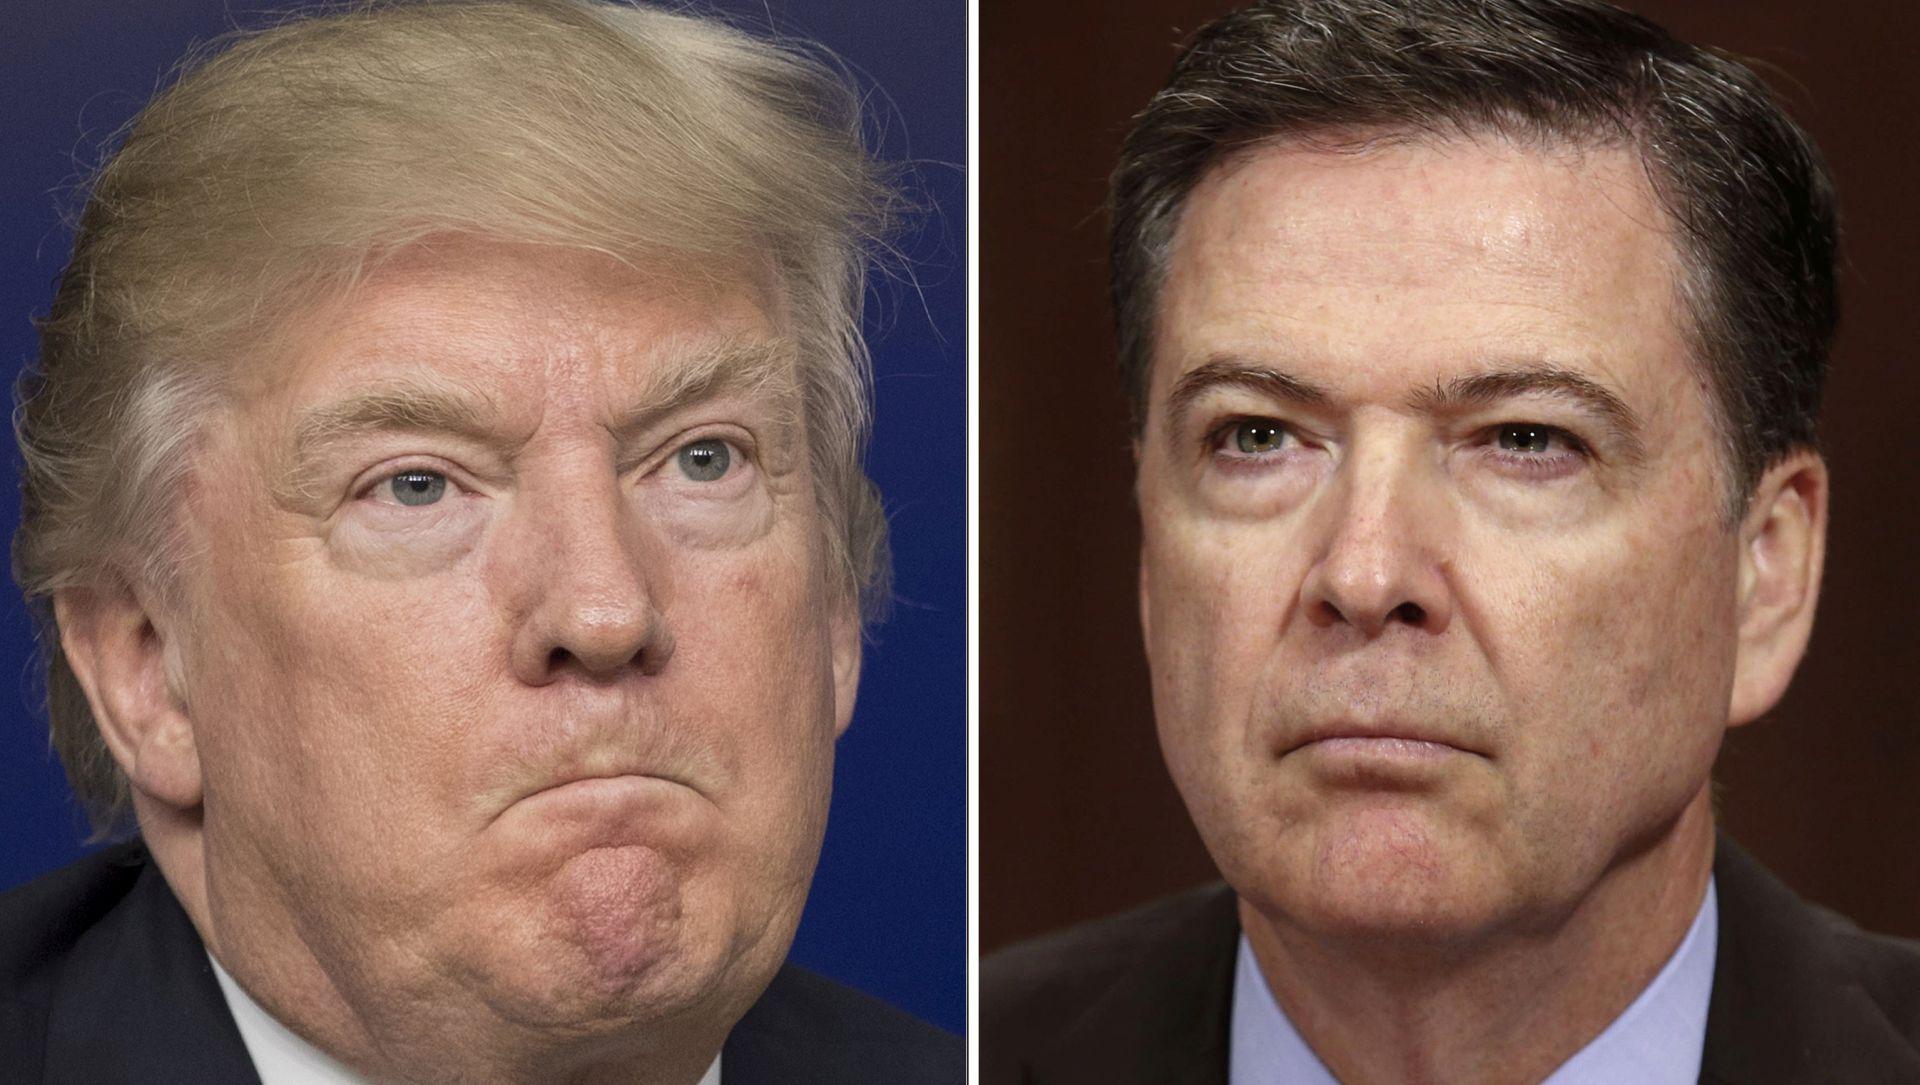 Trump zadovoljan Comeyjevom izjavom jer potvrđuje da nije bio pod istragom o navodnim ruskim vezama